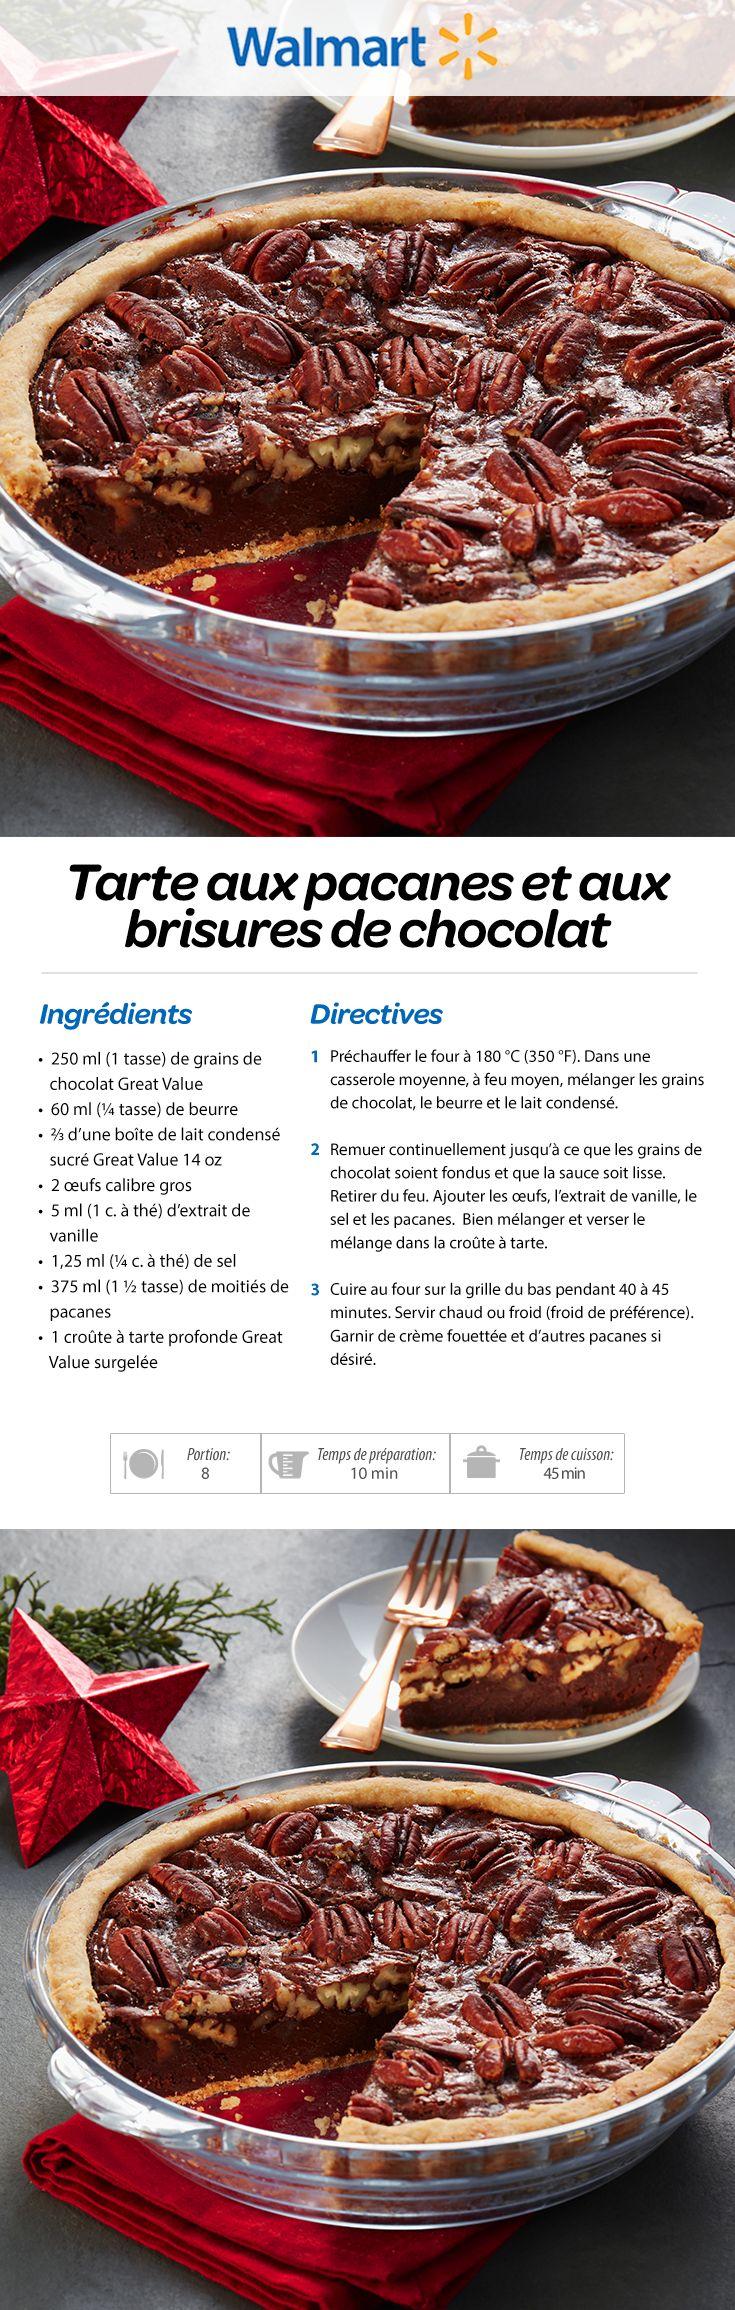 Tarte aux pacanes et aux brisures de chocolat